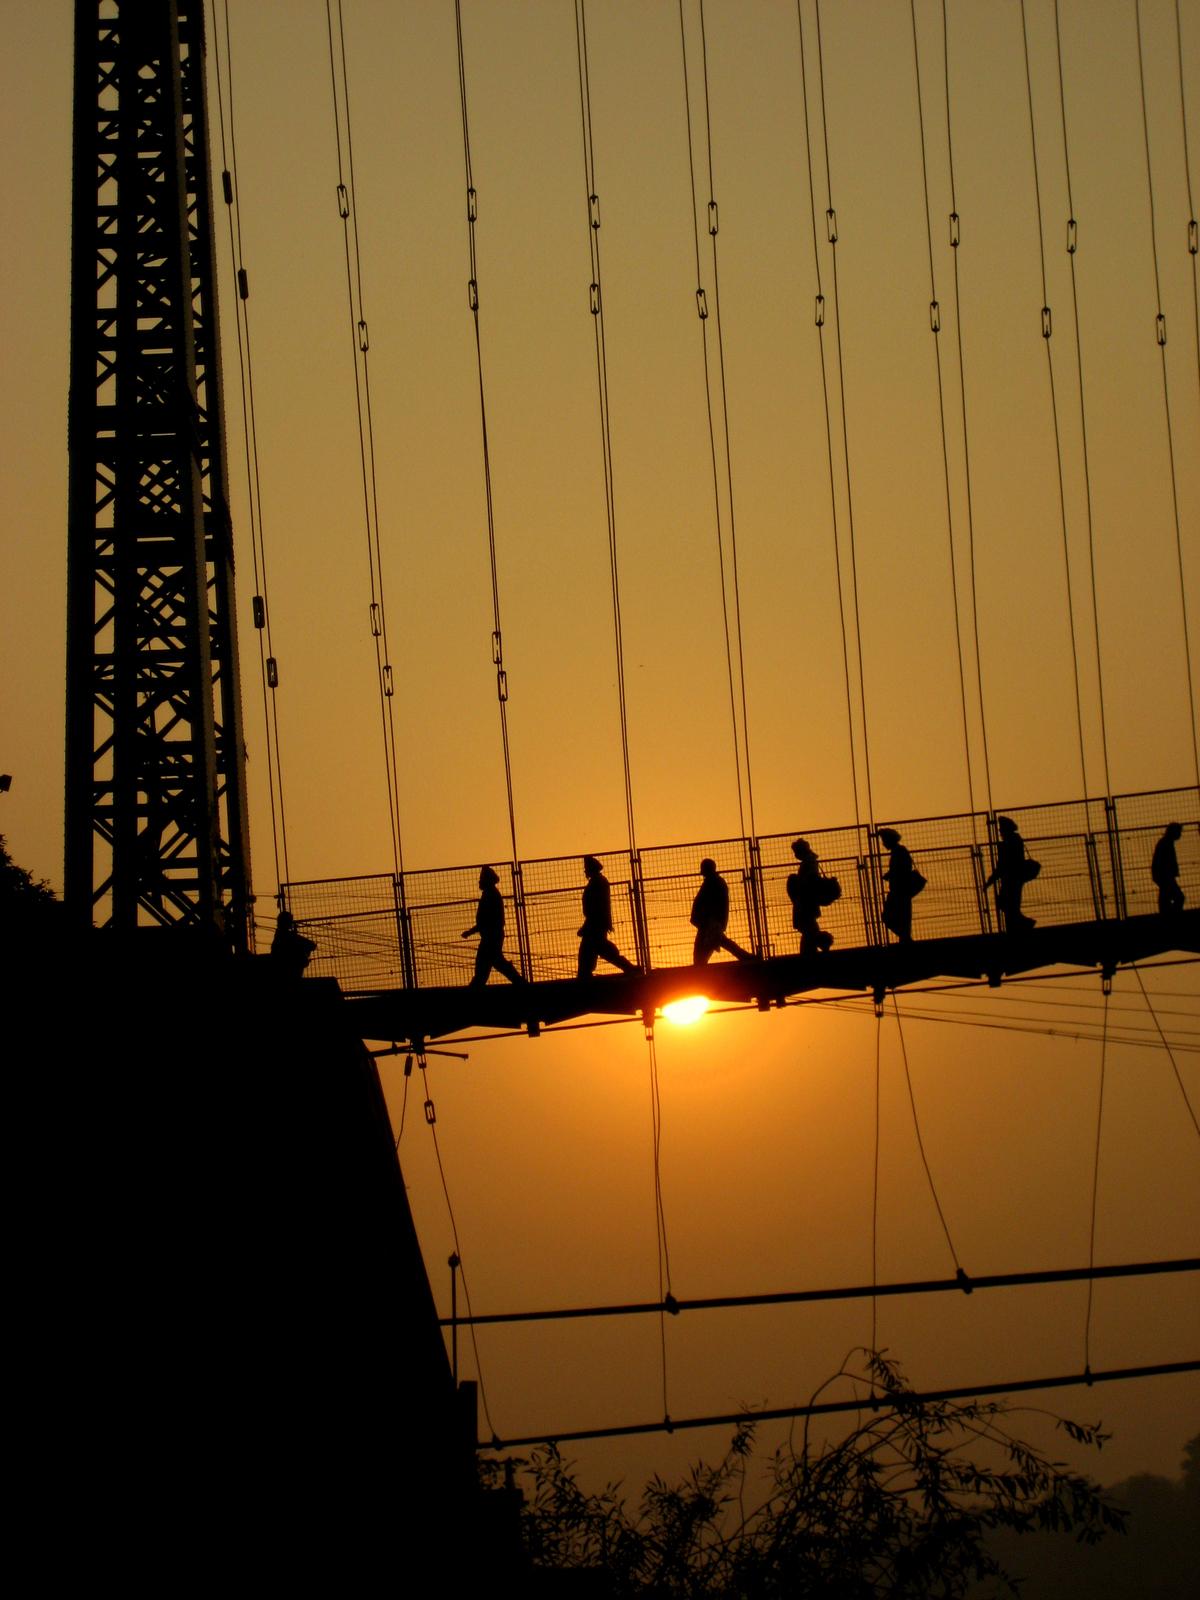 Suspension, Rishikesh, India